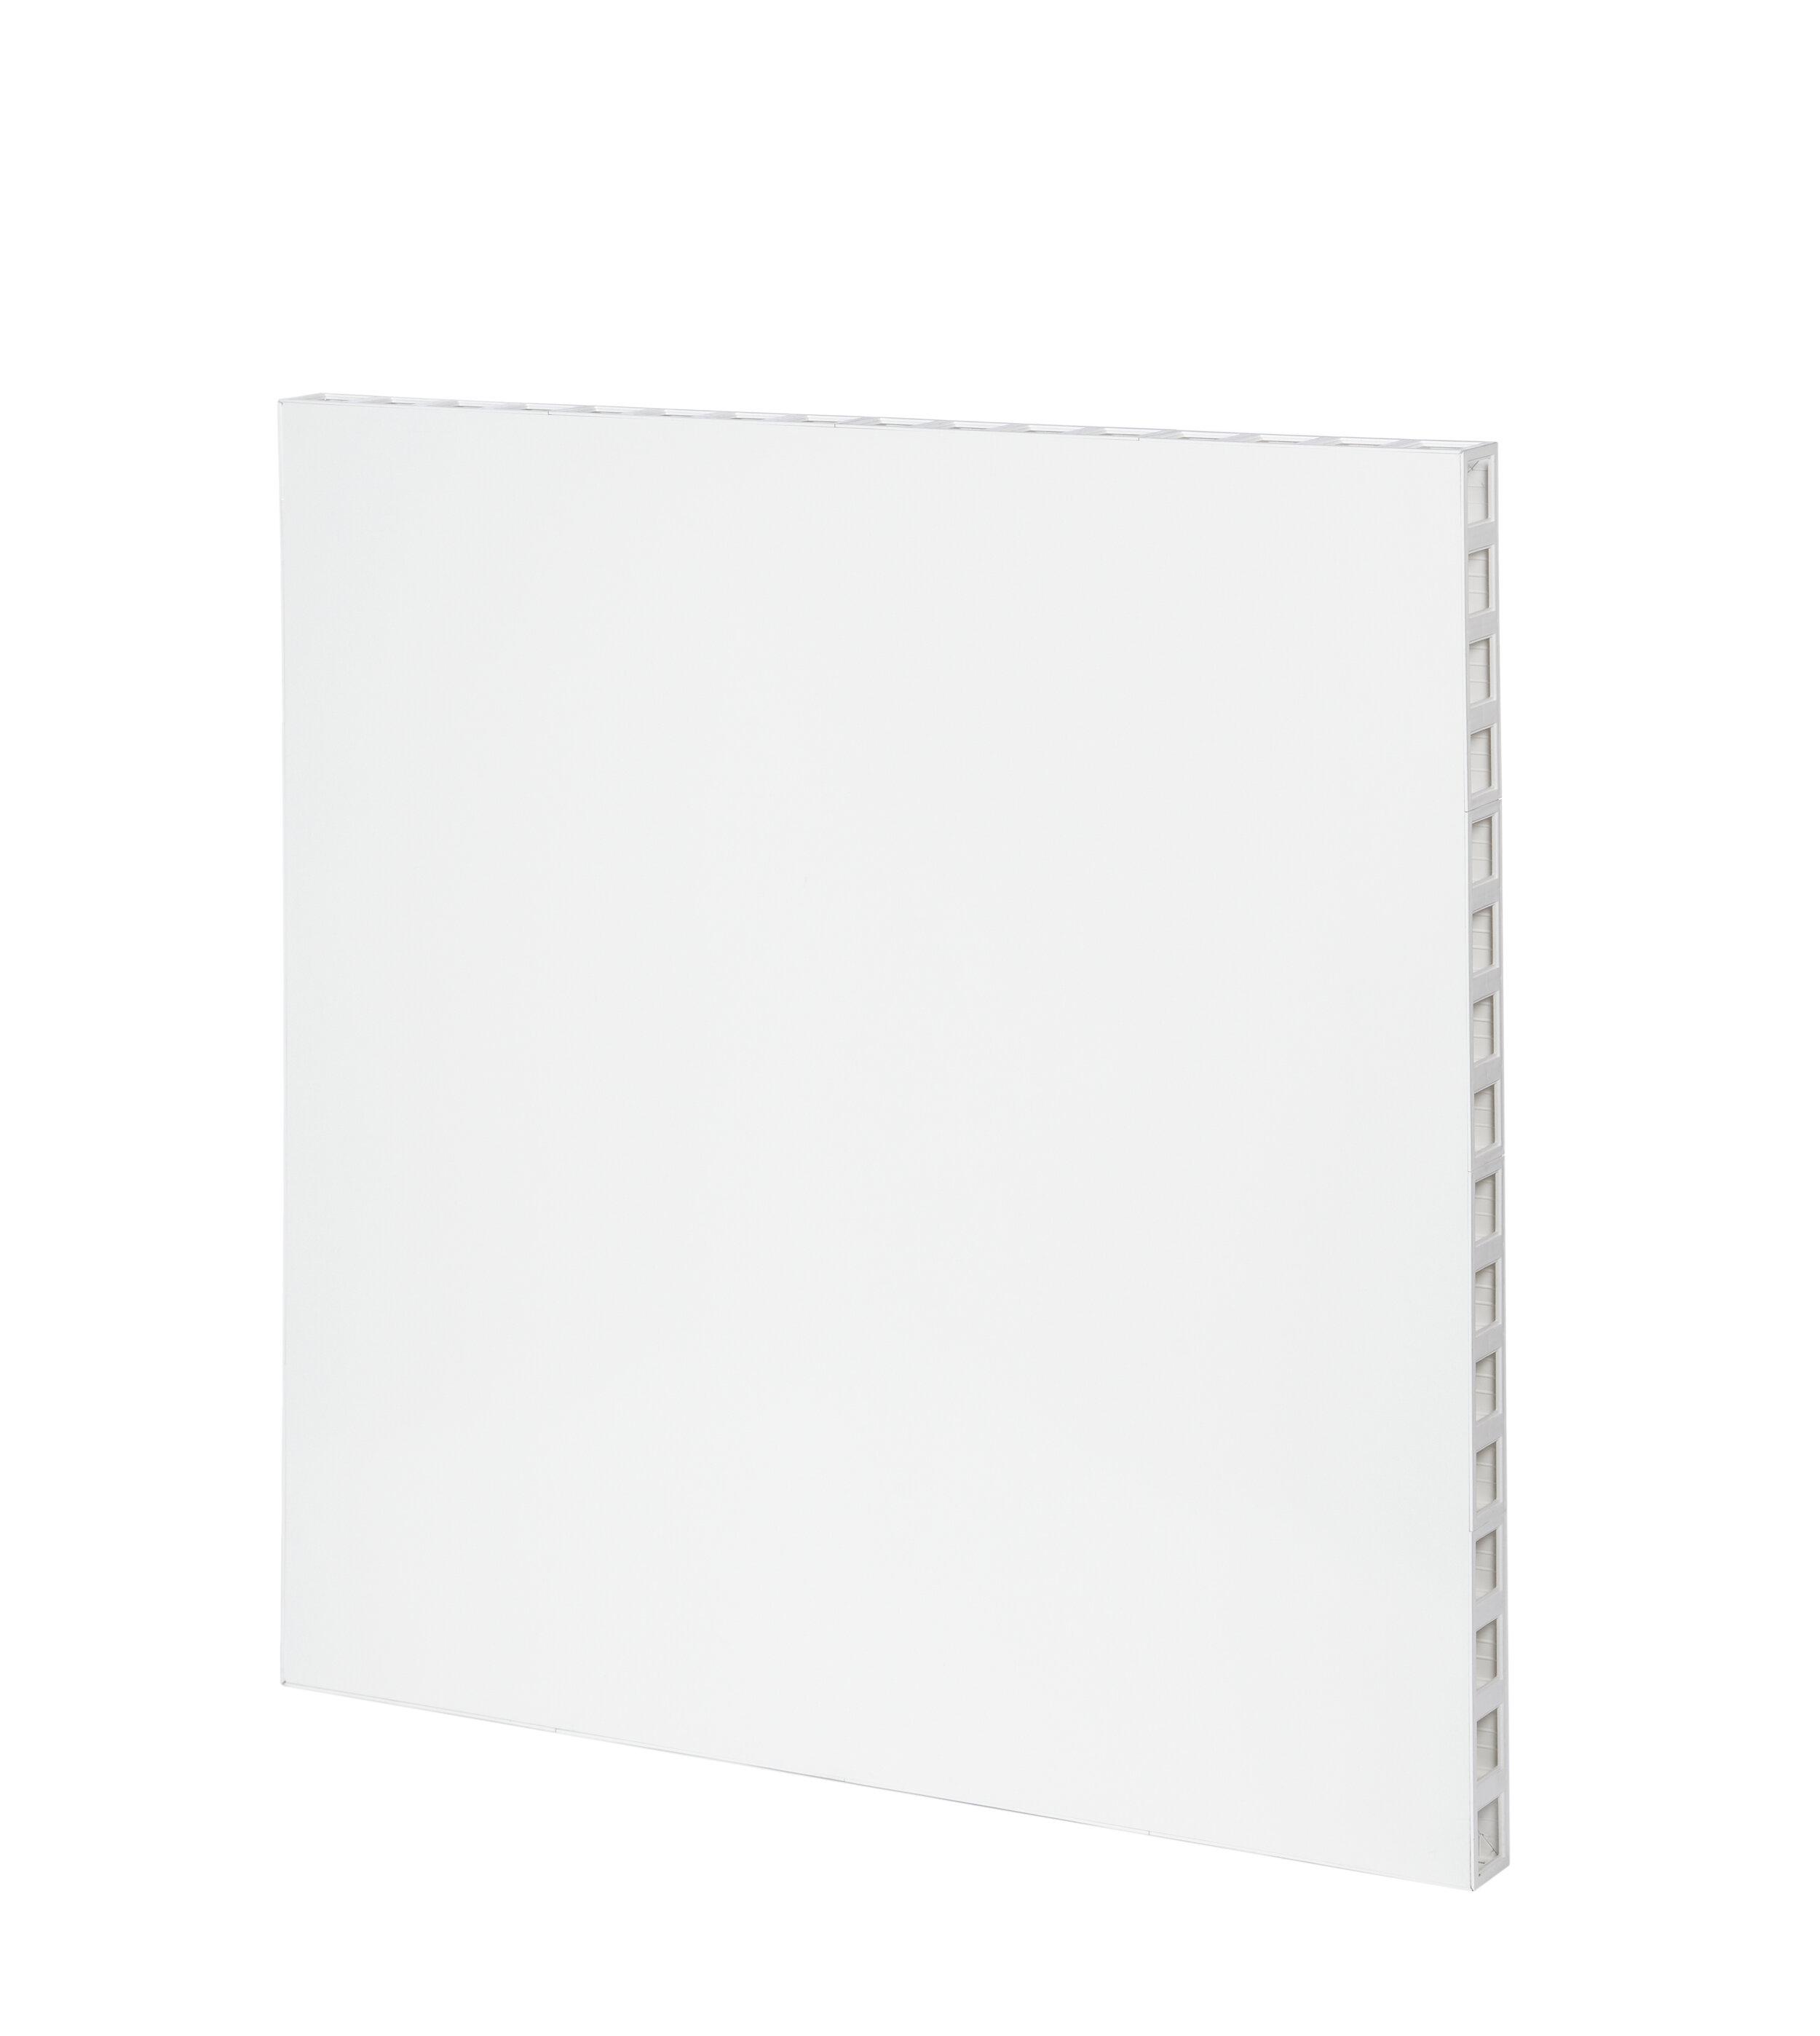 4x4 Panel